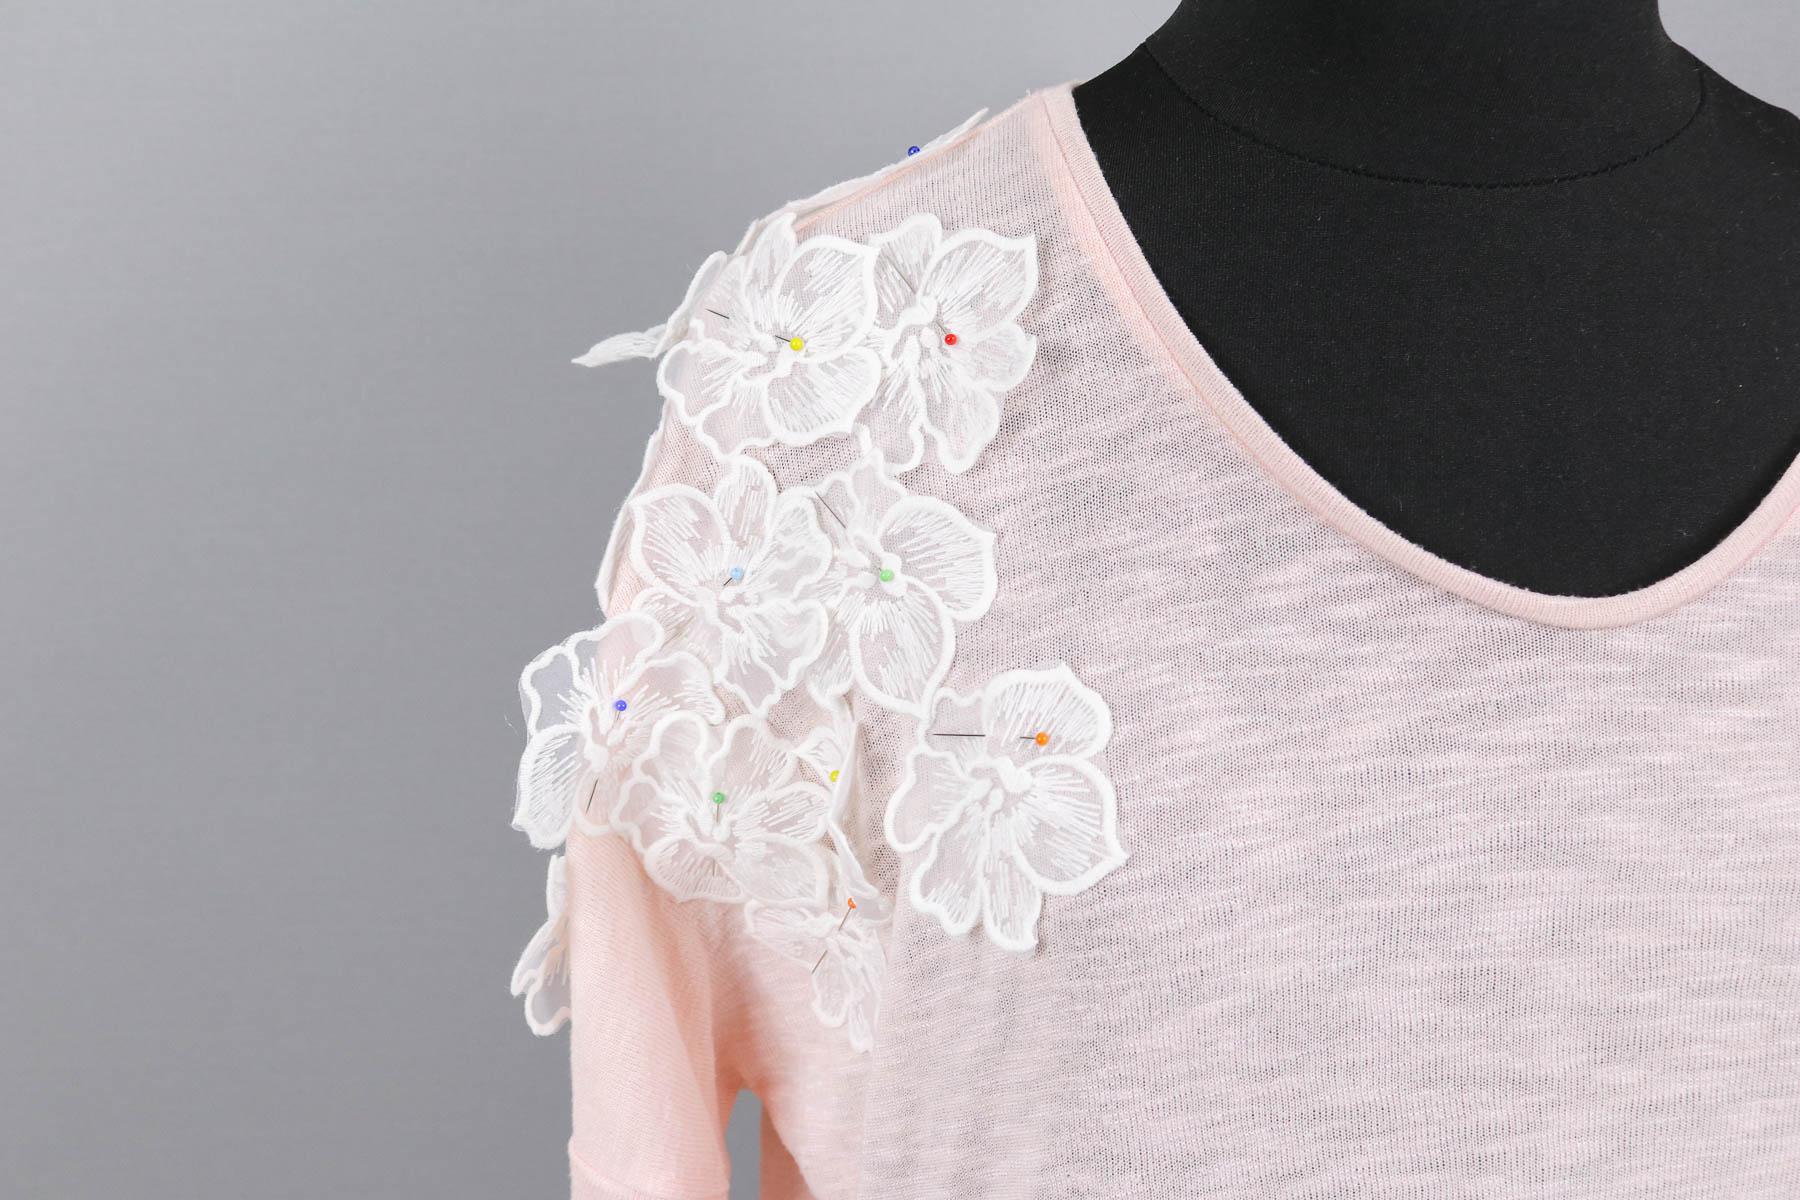 Blühten aus Spitze auf gekauftes Shirt mit Flecken gesteckt. JanaKnöpfchen